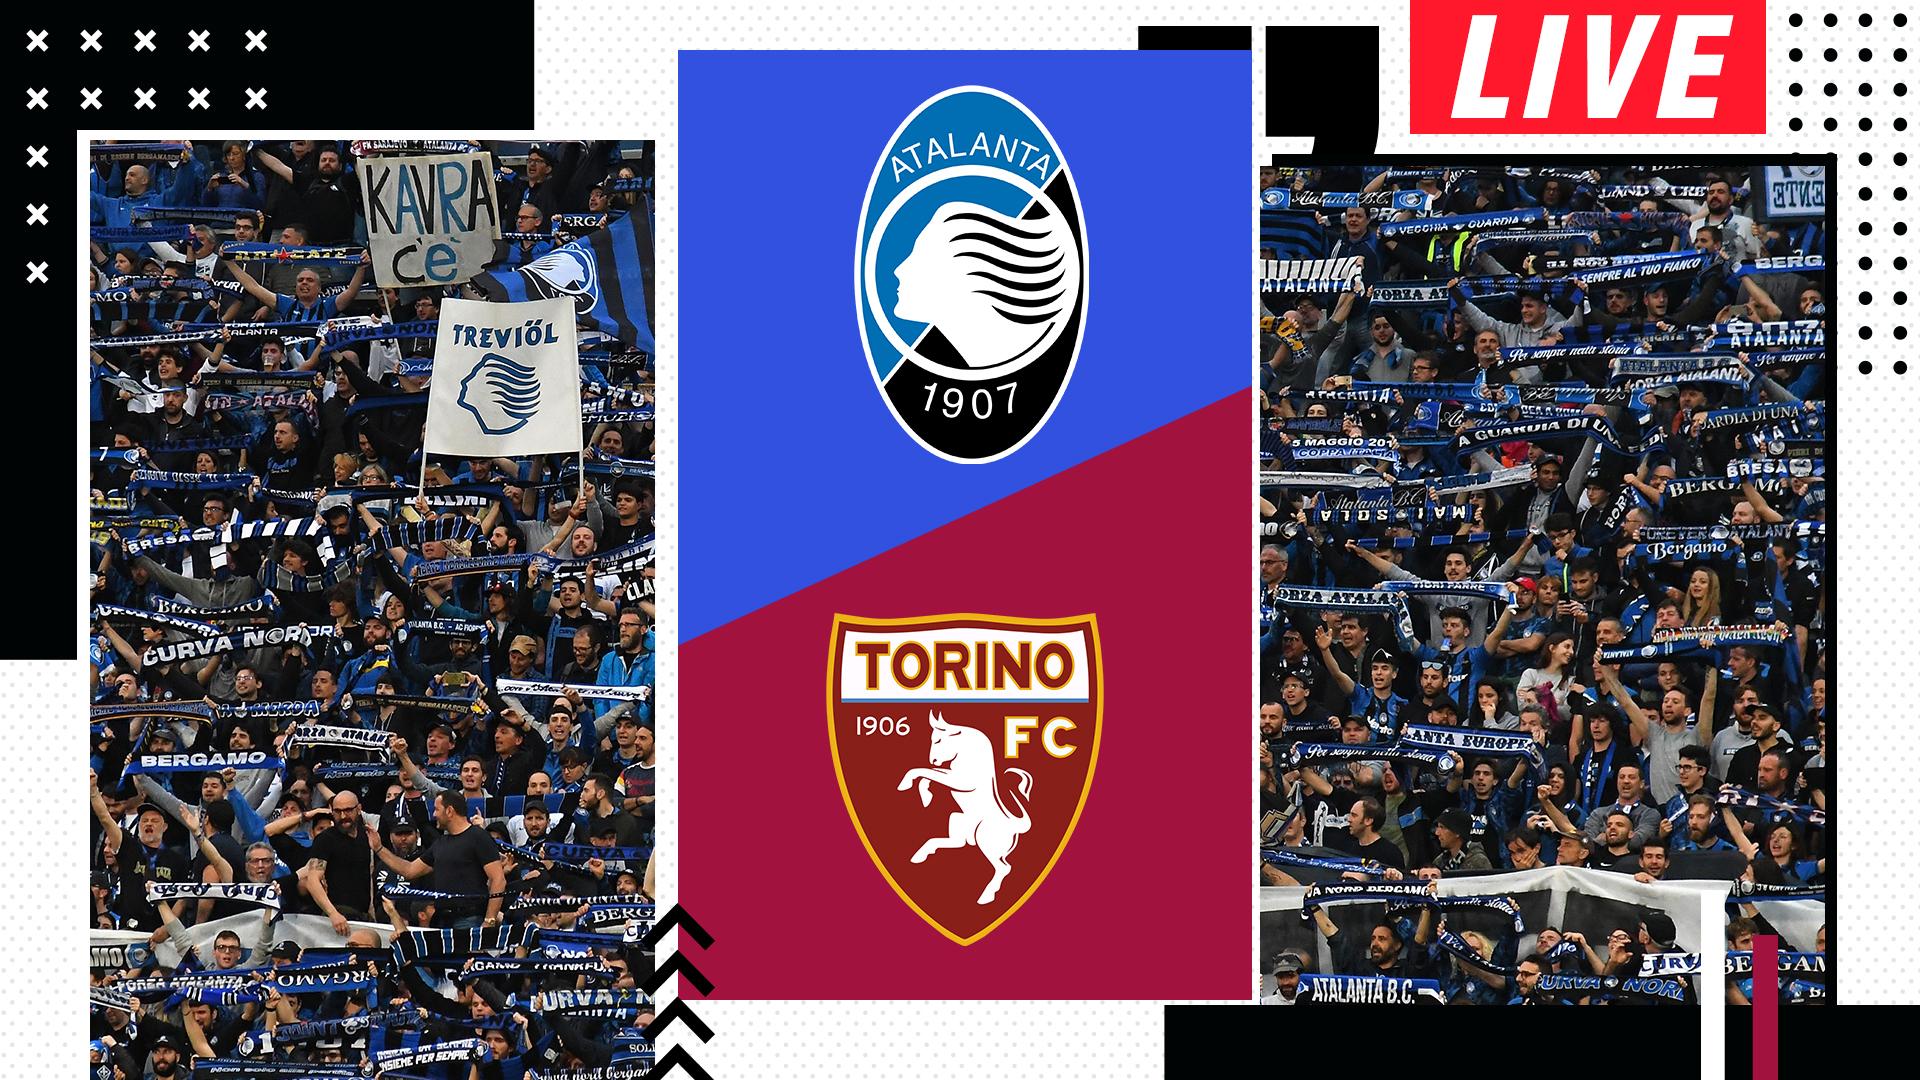 Campionato Primavera, Atalanta in finale: 4-3 al Torino ai supplementari